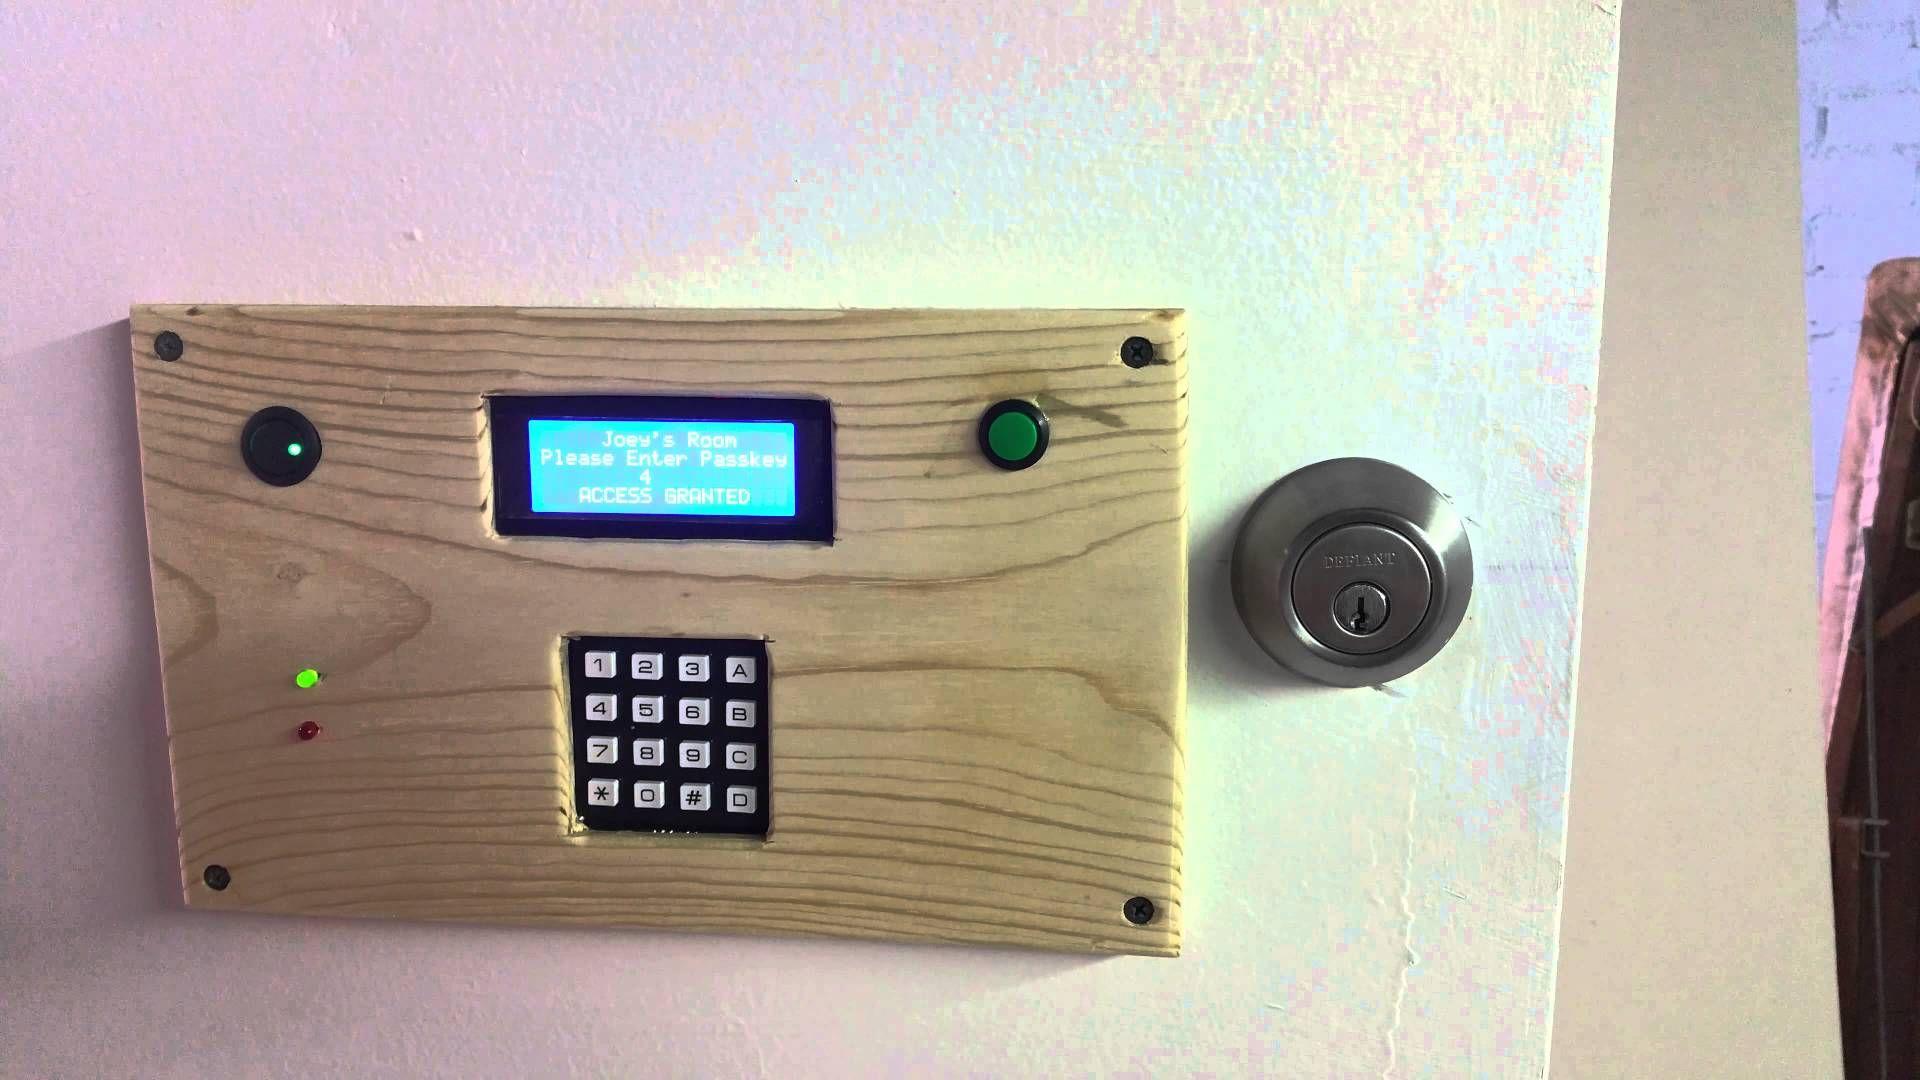 arduino powered door lock system arduino projects pinterest door lock system arduino and. Black Bedroom Furniture Sets. Home Design Ideas